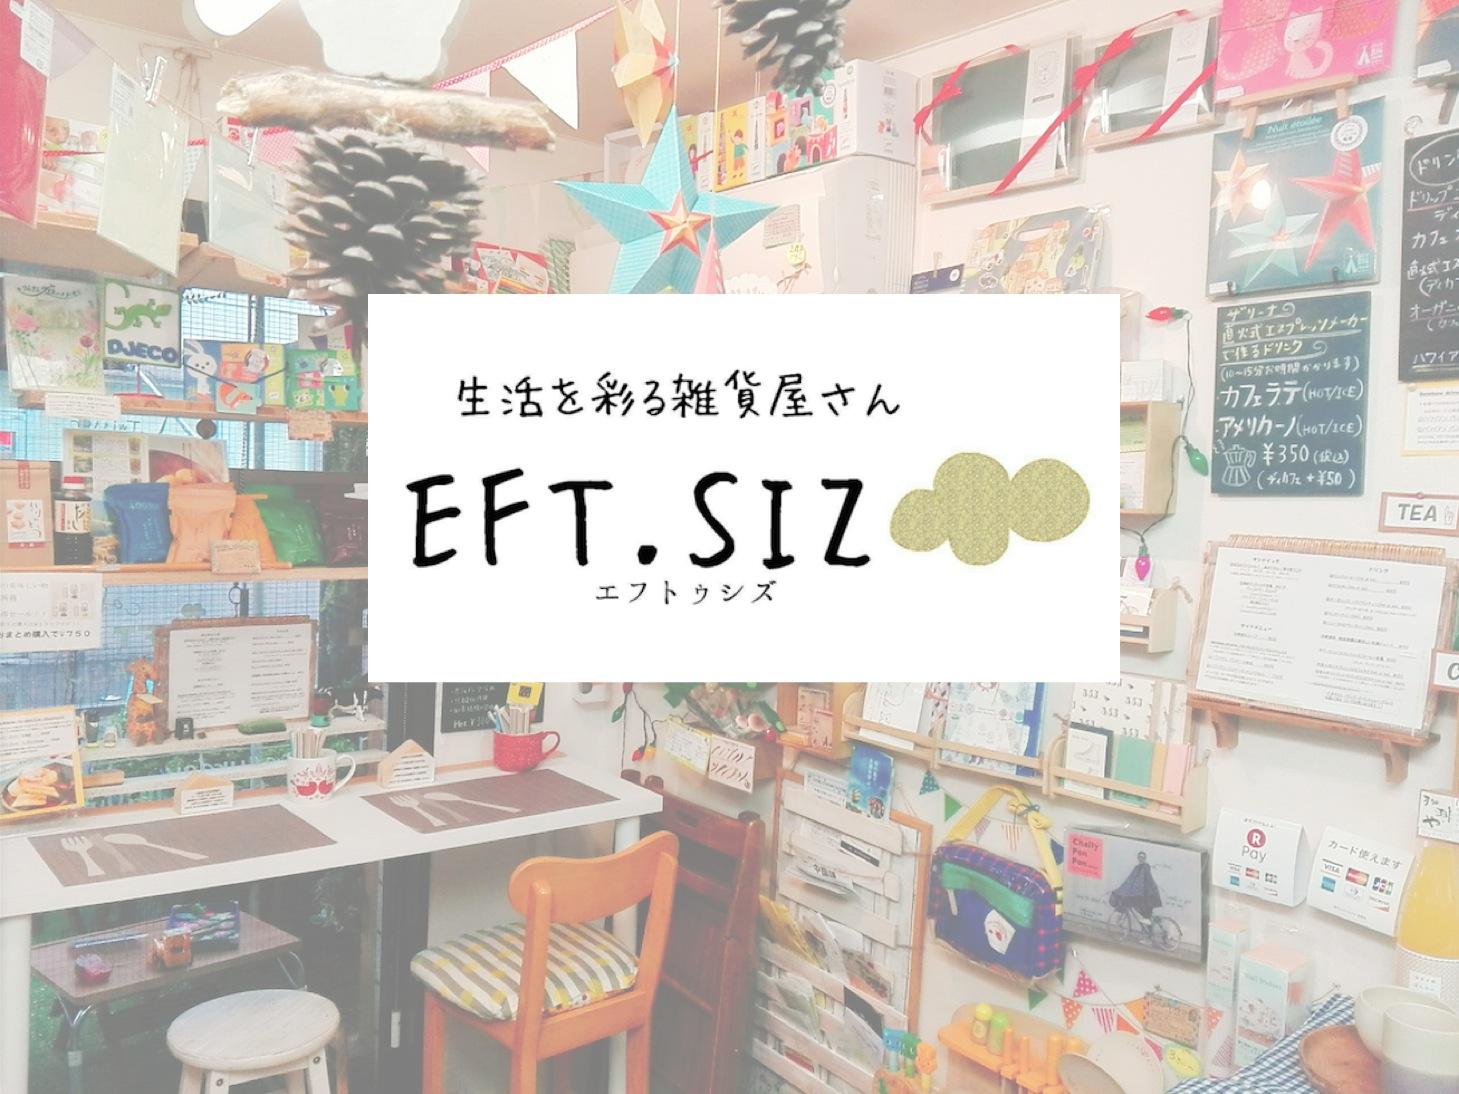 生活を彩る雑貨屋さん EFT.SIZ(エフトゥシズ)